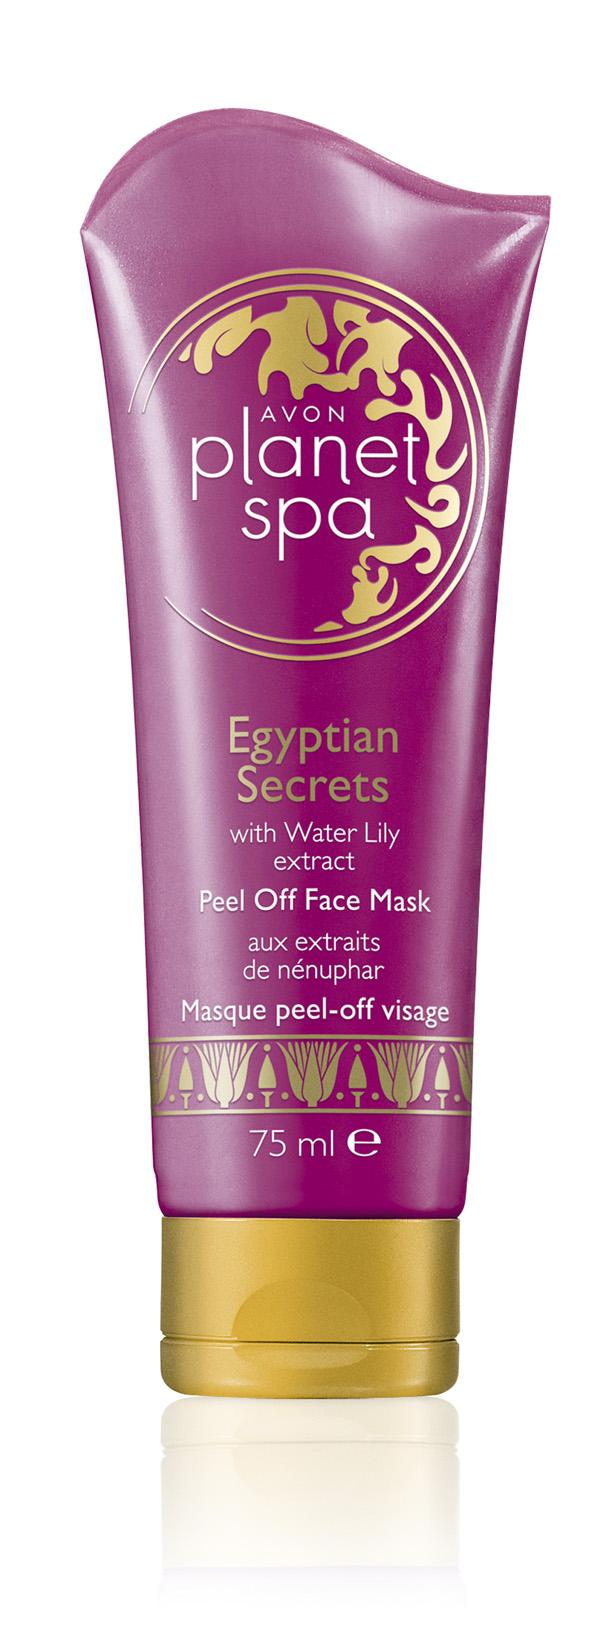 Egyptian Secrets mask Avon: Proizvodi za jesen